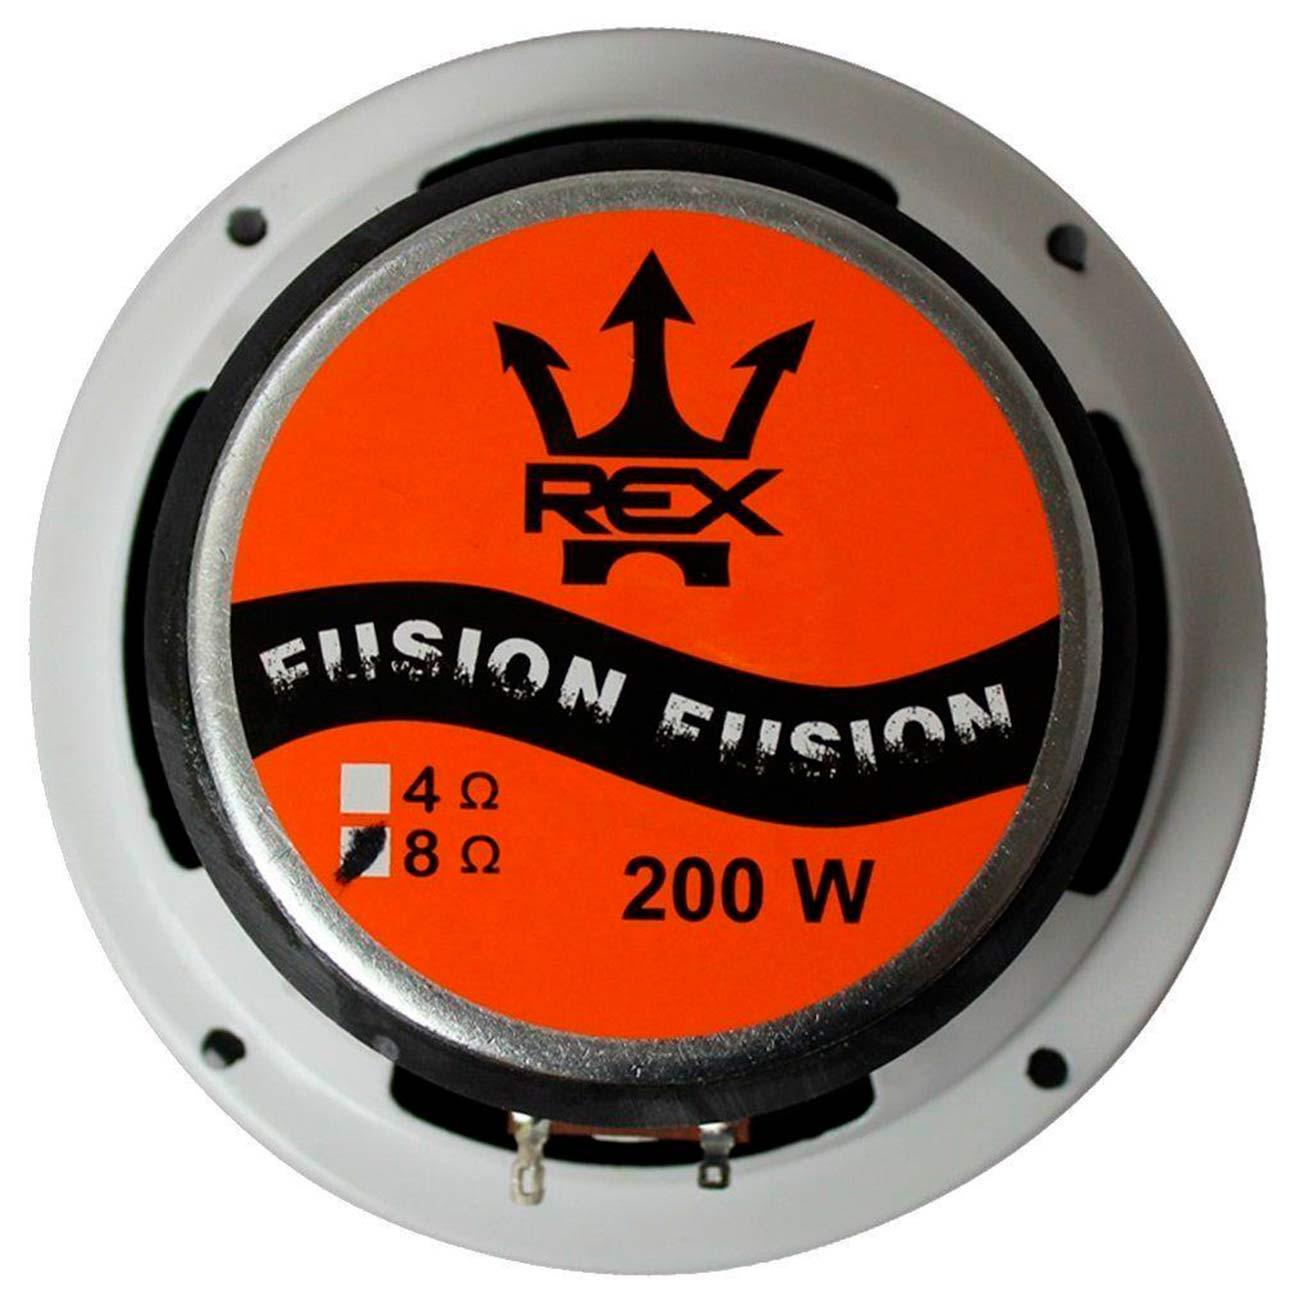 Par Alto Falantes Woofer Rex Fusion 200w Rms 6 Pol 4 Ohms